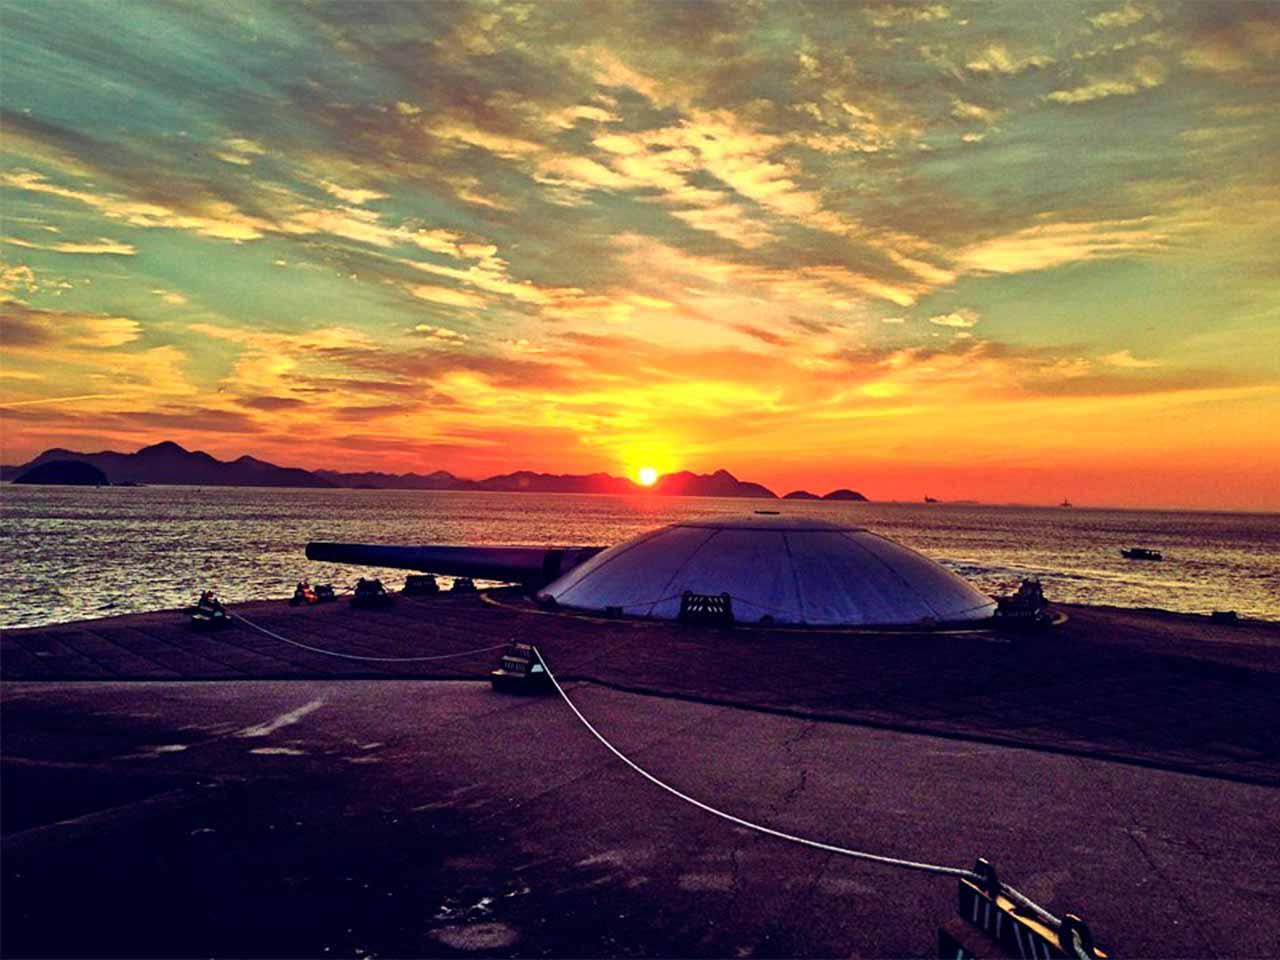 Museu Histórico do Exército/Forte de Copacabana reabre ao público com novas normas para visitação